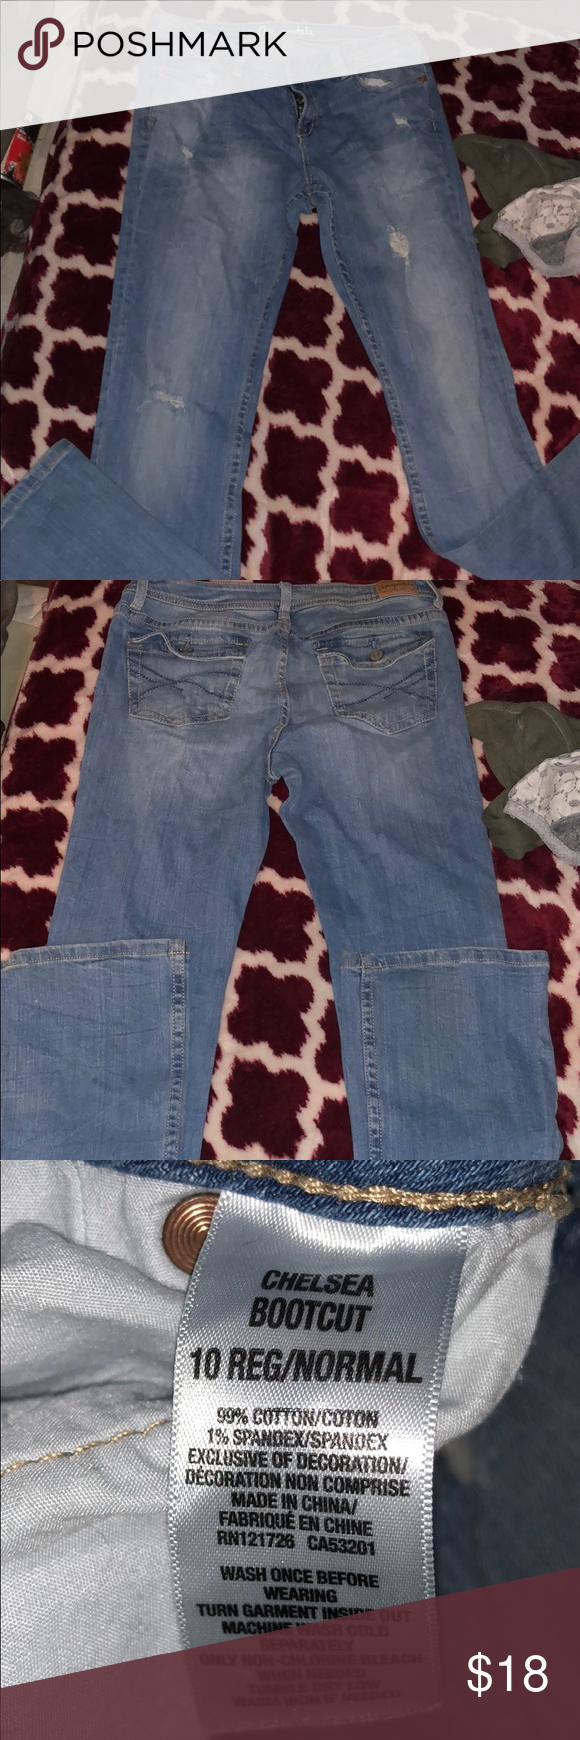 d11fa05ac2e Aeropostale jeans Light wash distressed/damage style . Chelsea boot cut .  EUC. Regular length. Aeropostale Jeans Boot Cut